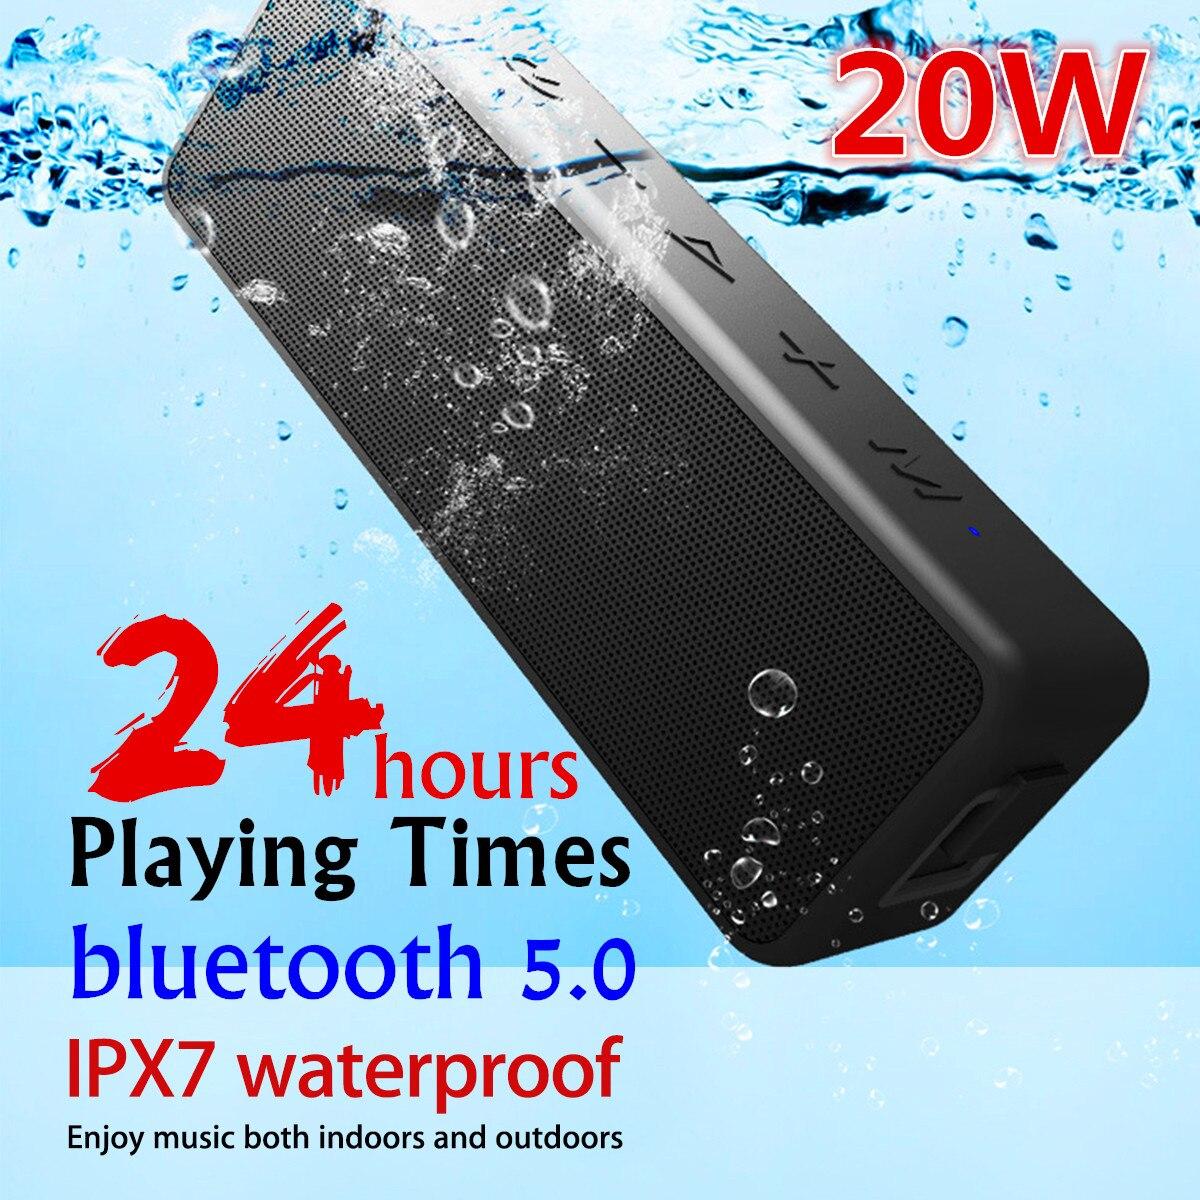 20W Bluetooth Lautsprecher IP7X Wasserdichte Tragbare Spalte Speakr Super Bass Subwoofer Soundbar Sound System Box Musik Boom Computer